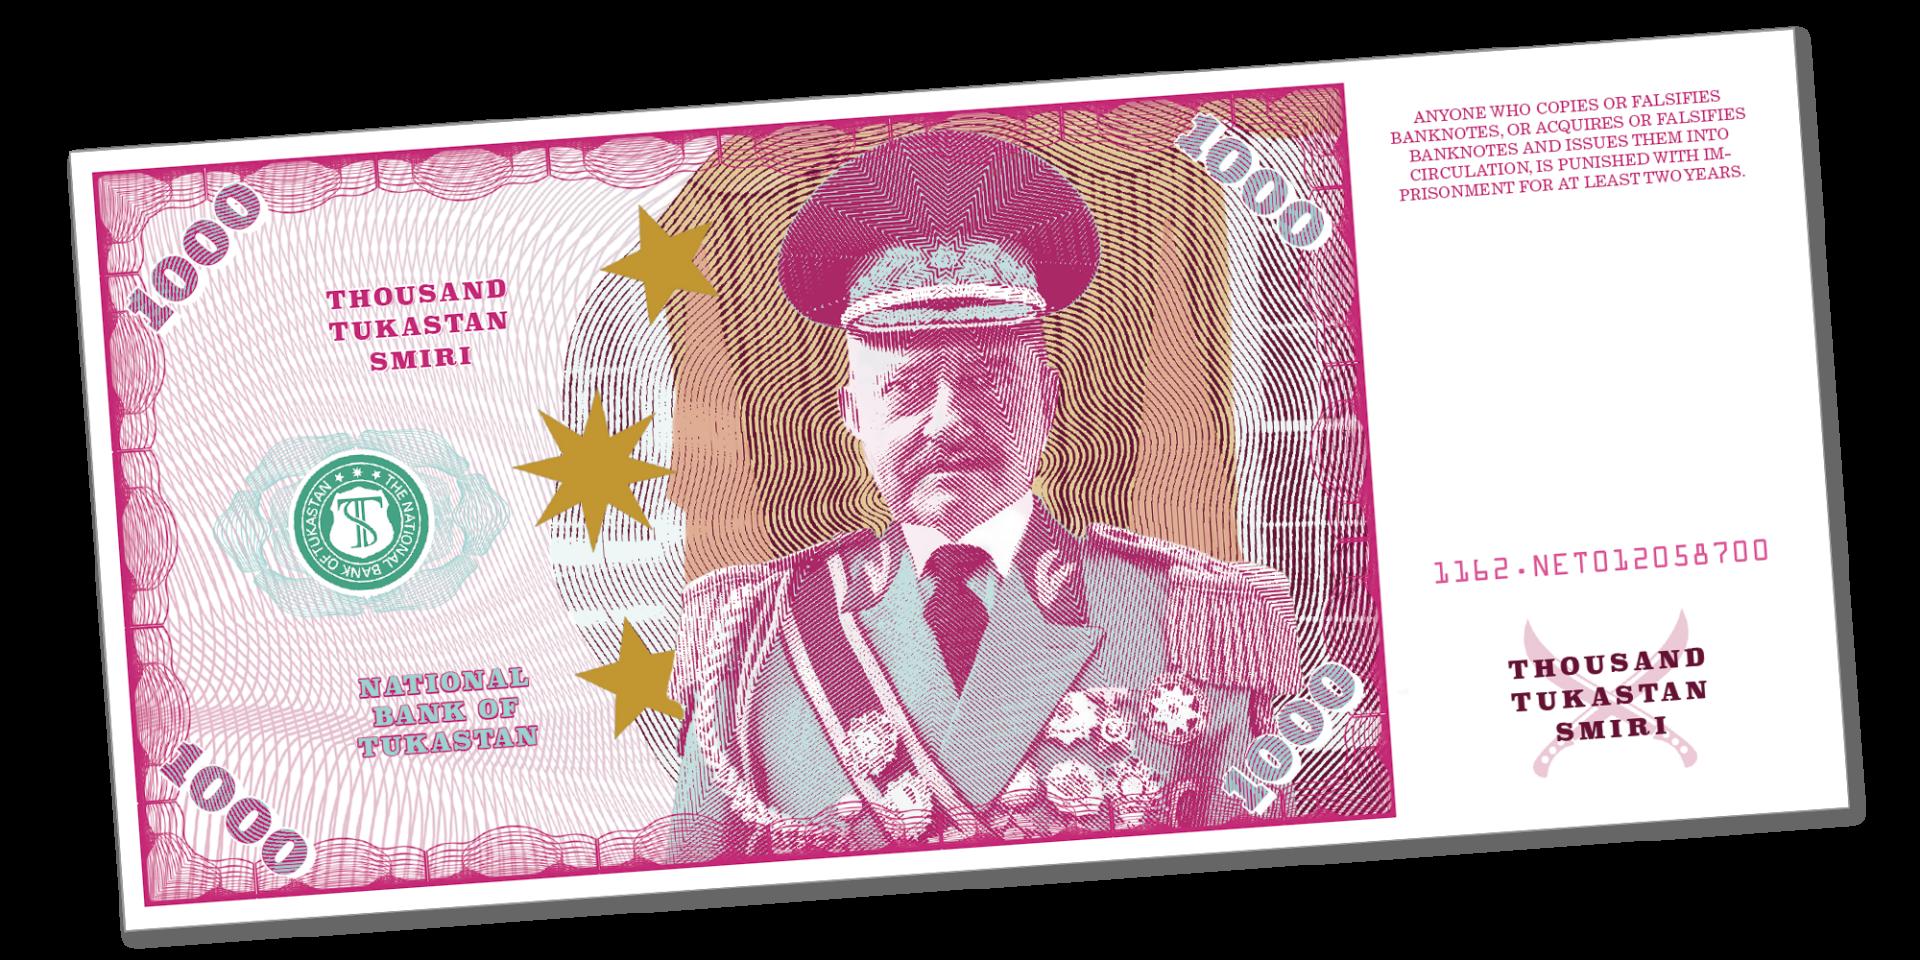 Gestaltung der Währung Tukastans